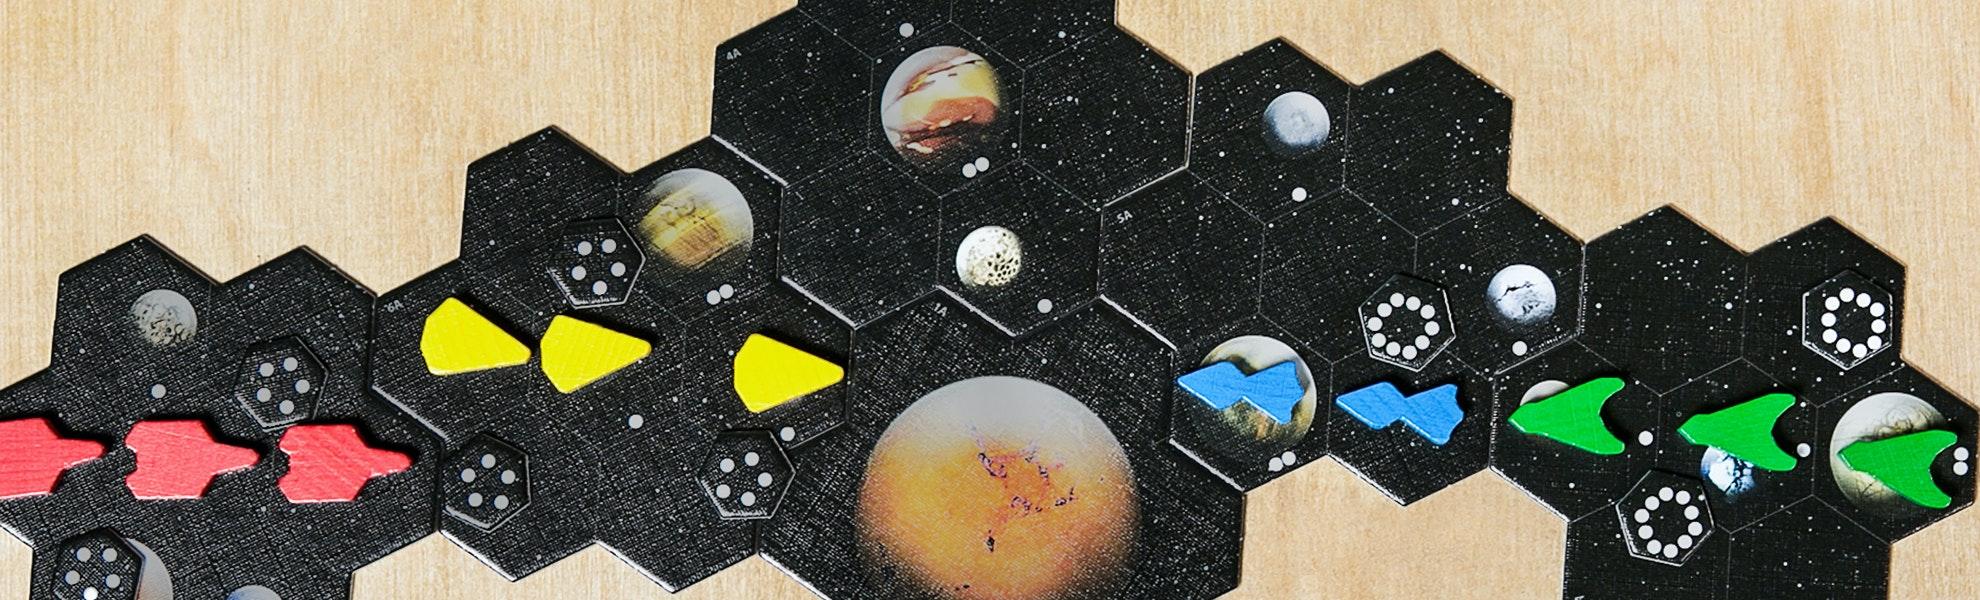 Pocket Imperium Game